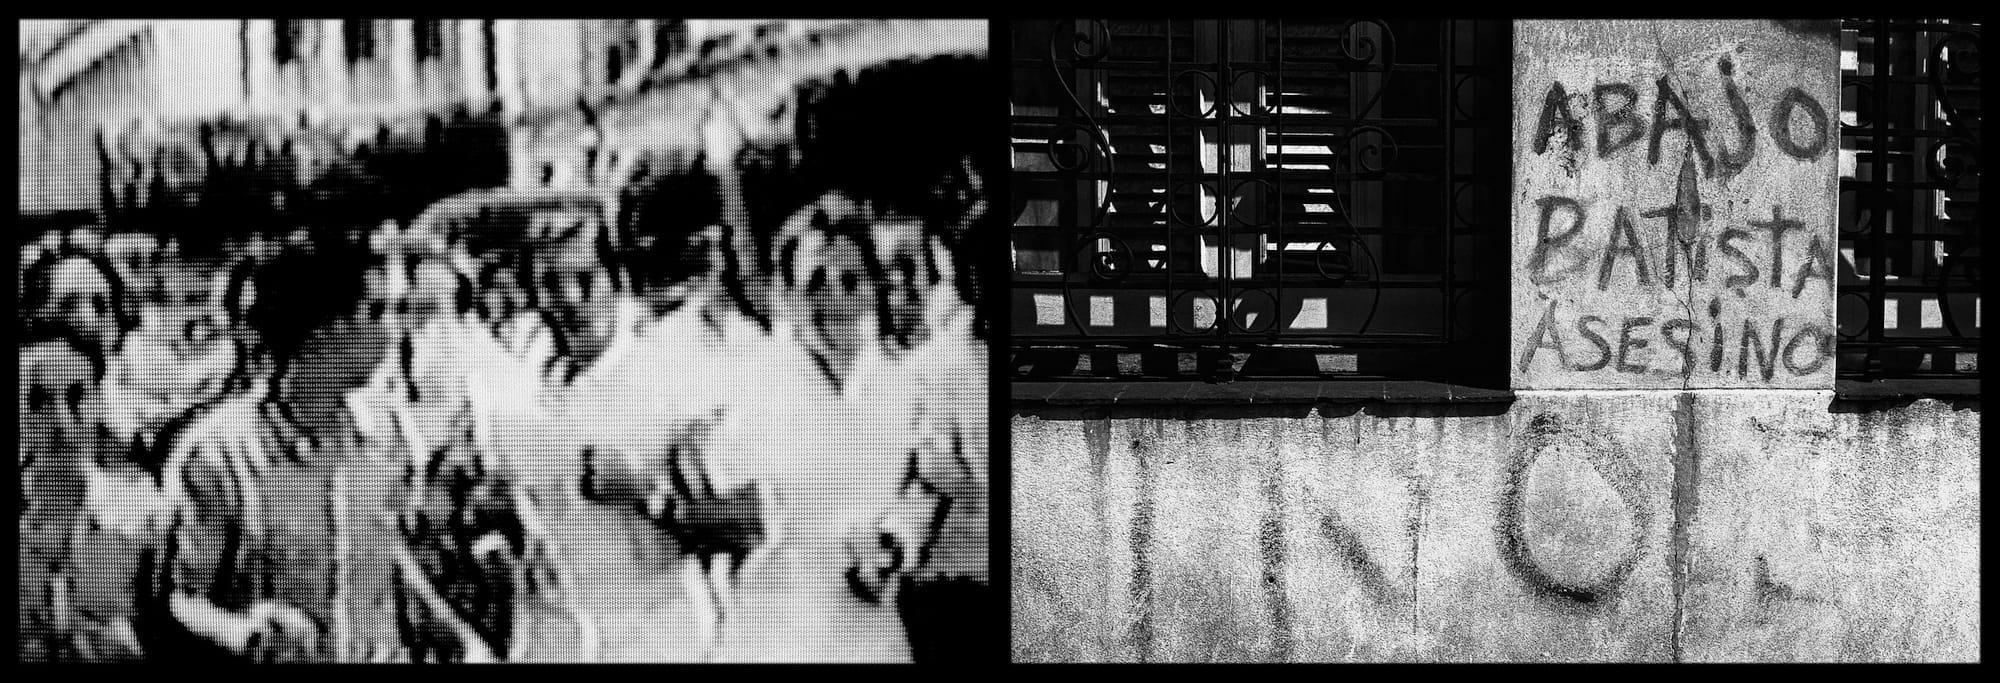 Рикардо Элиас. Из серии «Эпоха», 2000—2002. Слева: протест студентов Университета Гаваны в 1953 году. Люди присоединились